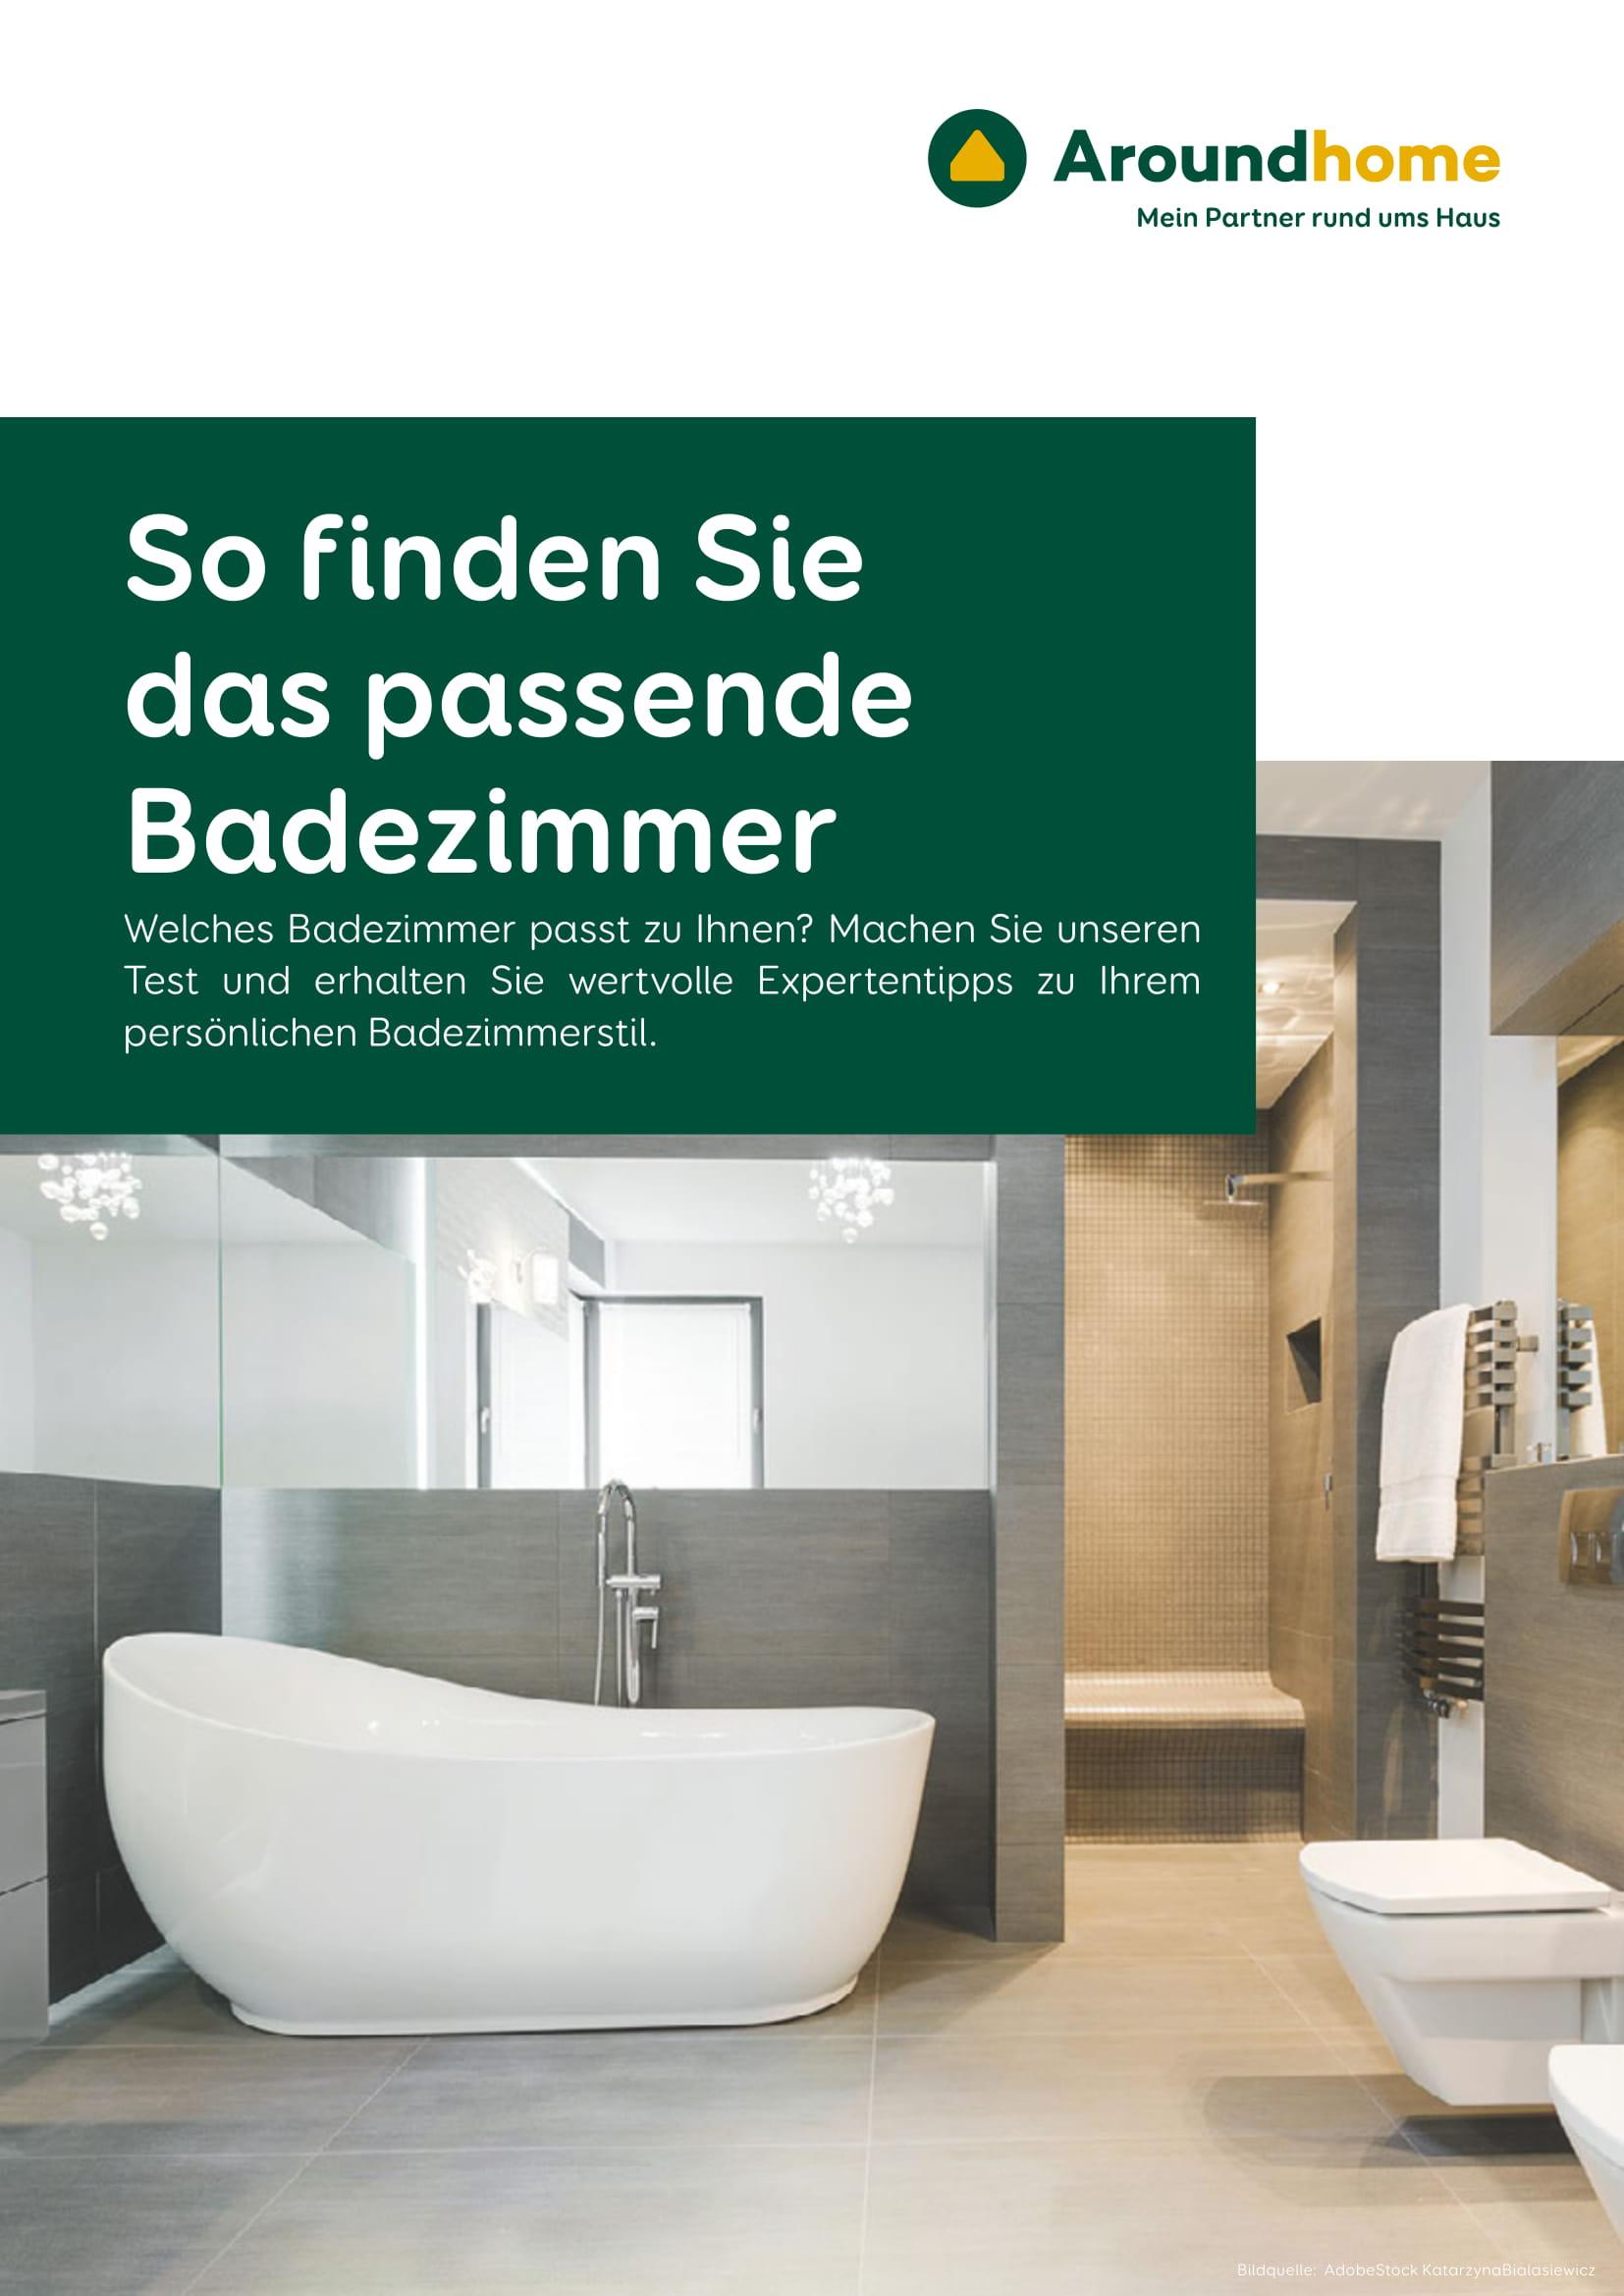 Regionale Angebote Fur Badezimmer Erhalten Aroundhome